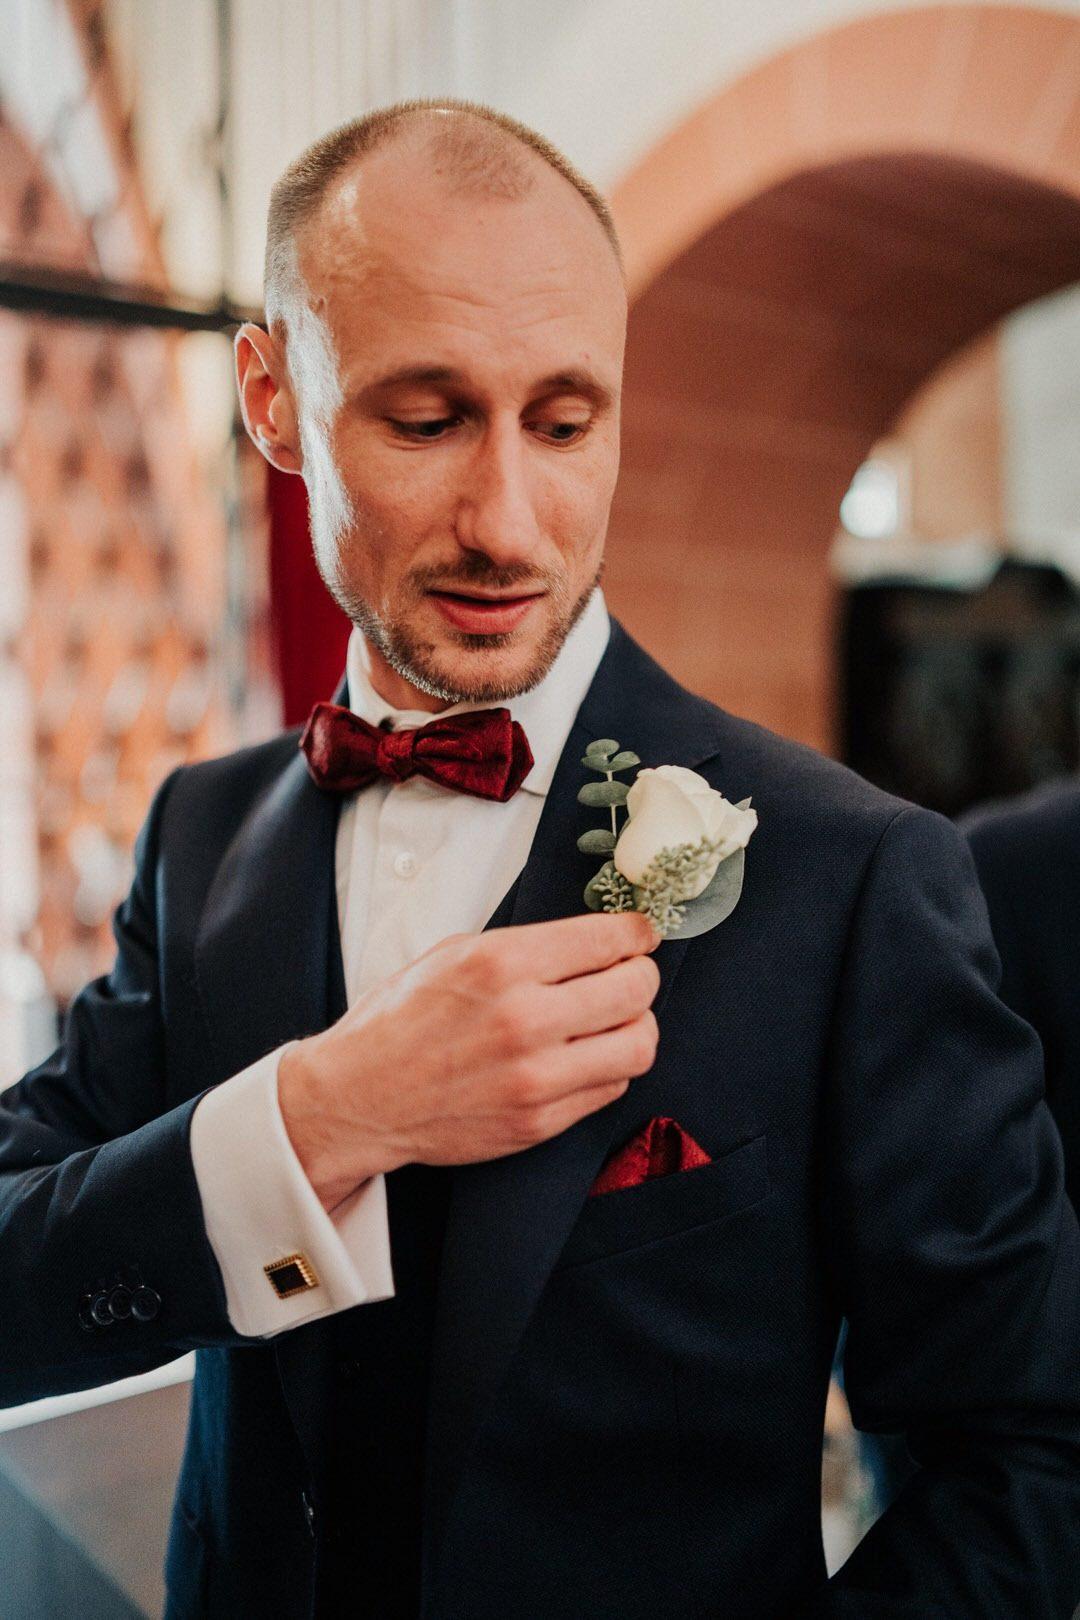 Bräutigam Anzug im Bohostil für eine Hochzeit 2019